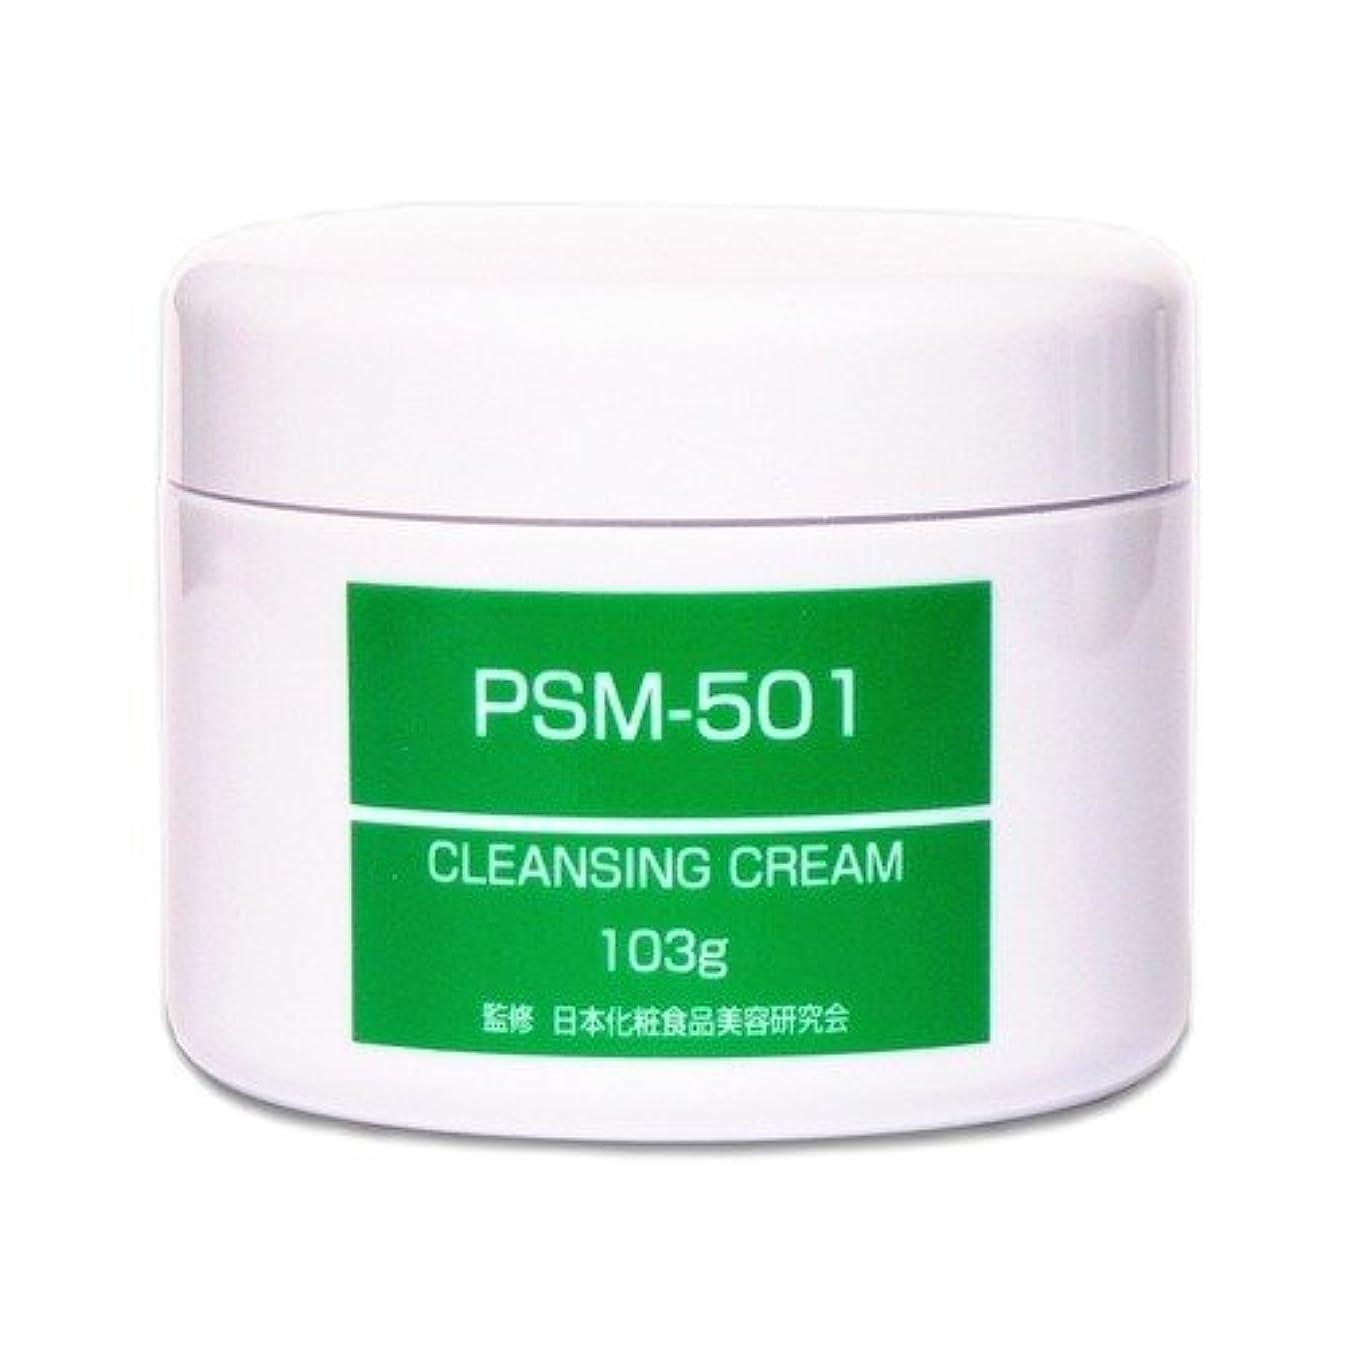 マットマークダウンこどもセンターCFB クレンジングクリーム PSM501